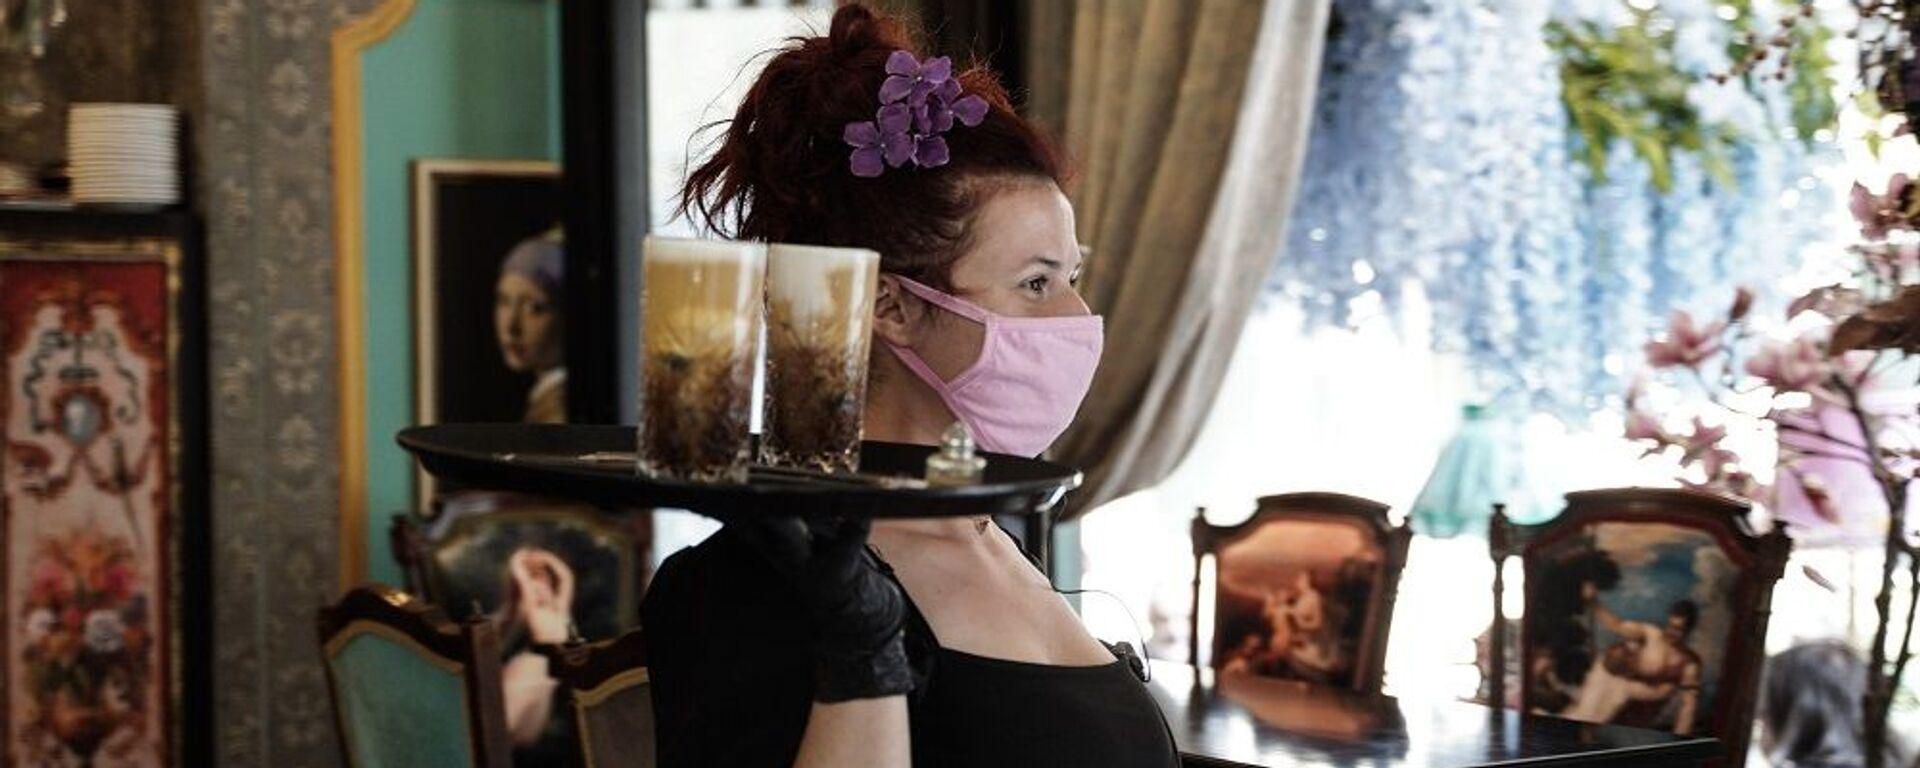 Σερβιτόρα με μάσκα προστασίας σε καφετέρια της Αθήνας - Sputnik Ελλάδα, 1920, 13.09.2021